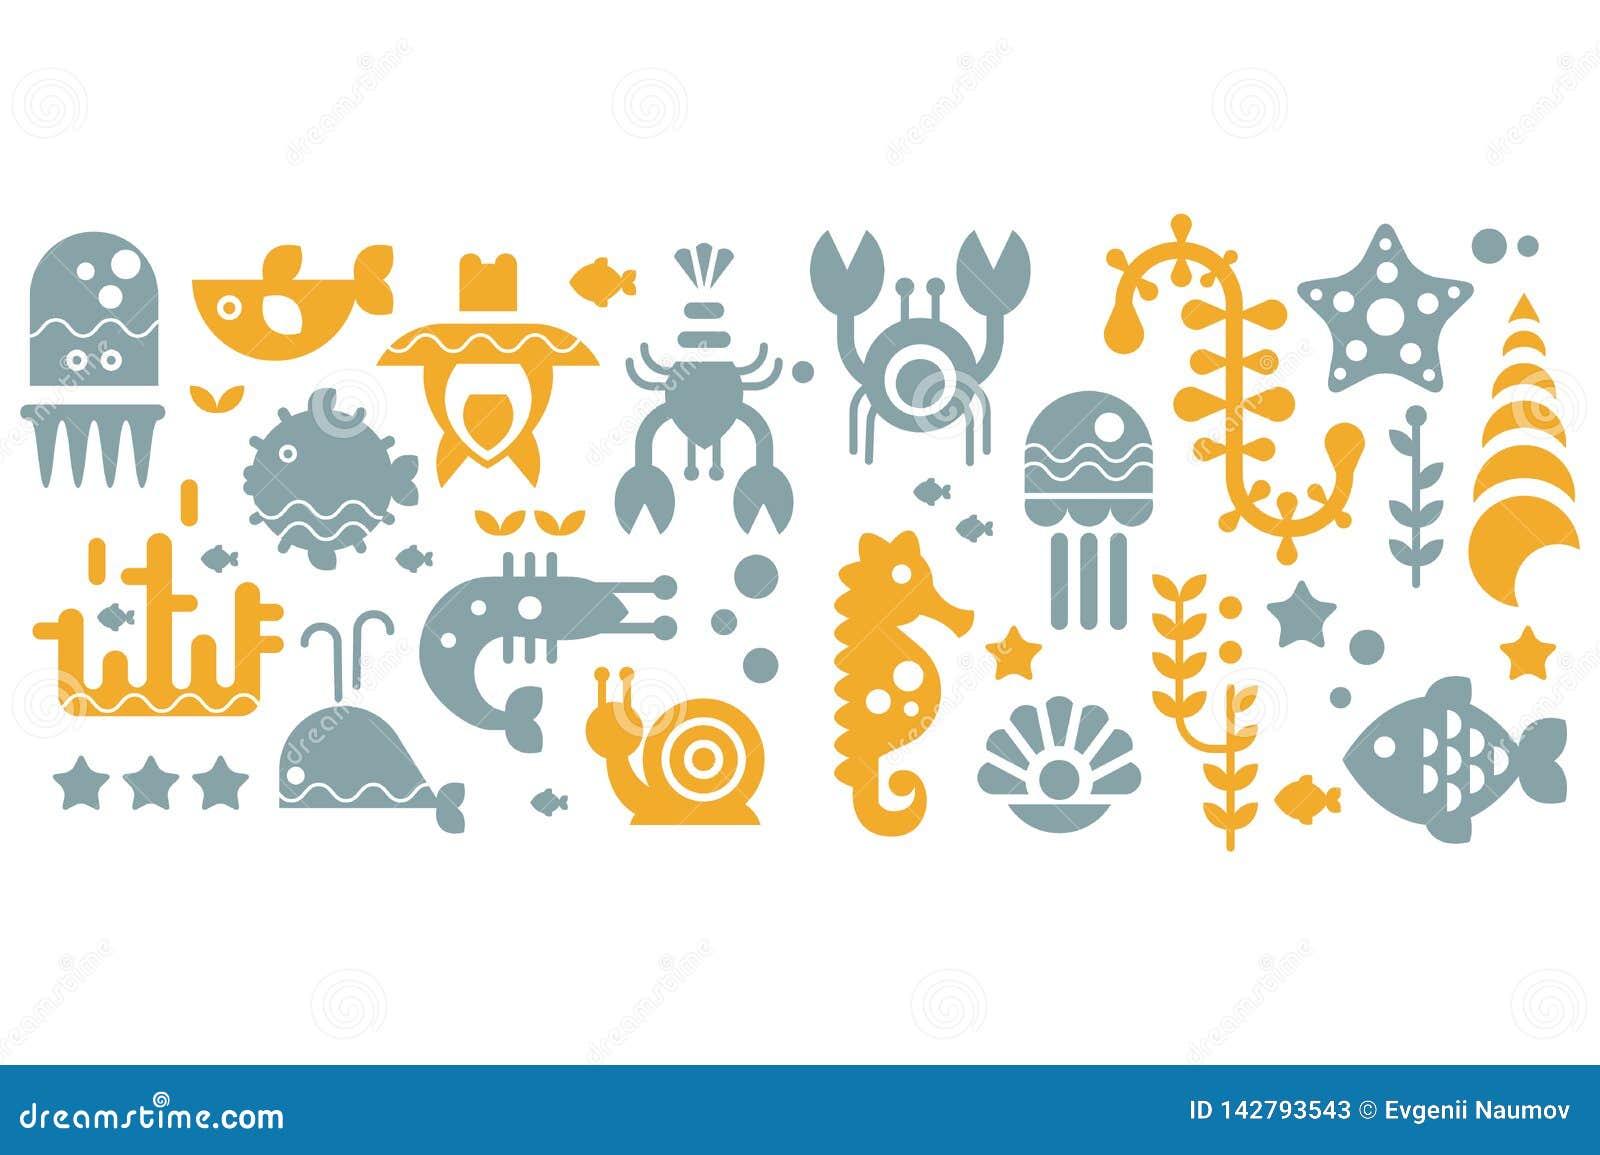 Bezszwowy wzór z kolorowymi dennymi istotami, kolorem żółtym i szarymi podwodnymi zwierzętami, wektorowe ilustracje